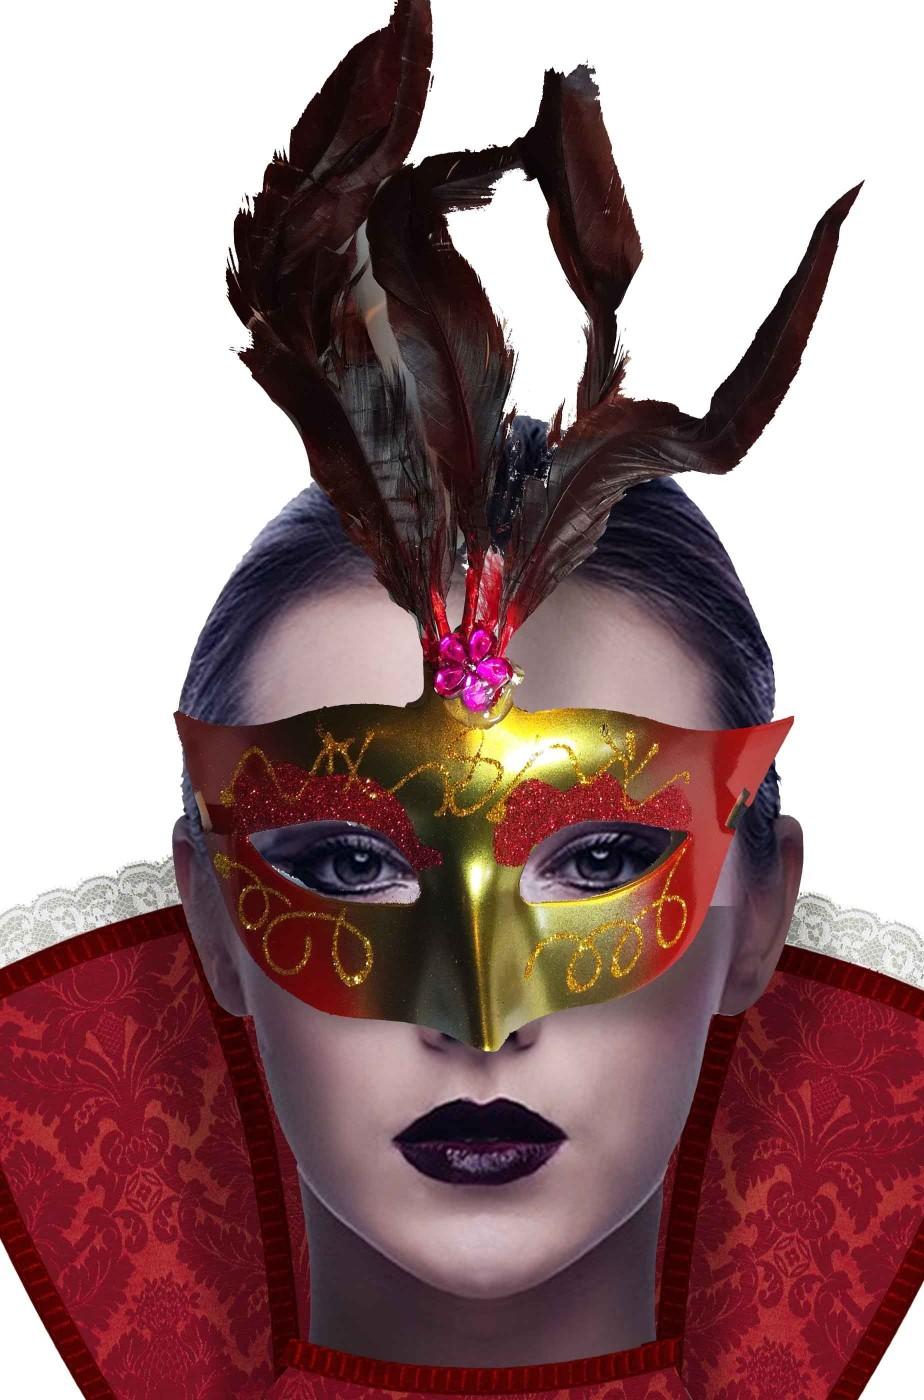 maschera di carnevale veneziano economica oro e rossa con piume